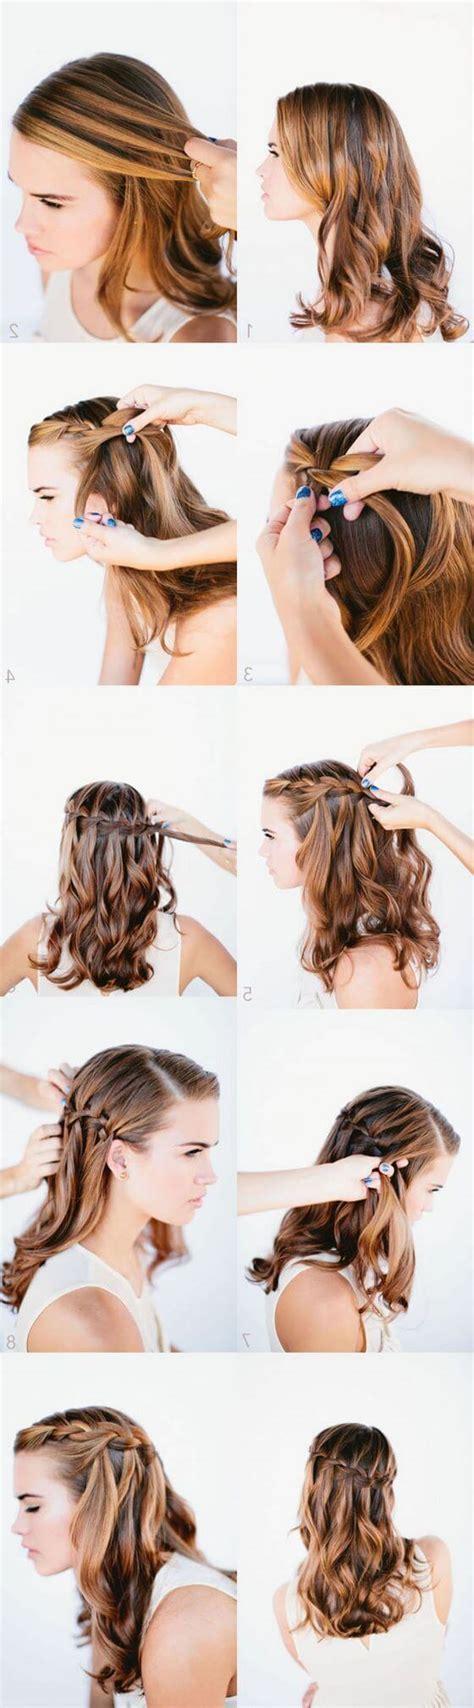 Peinados para quinceañeras fascinantes y SENCILLOS   Los